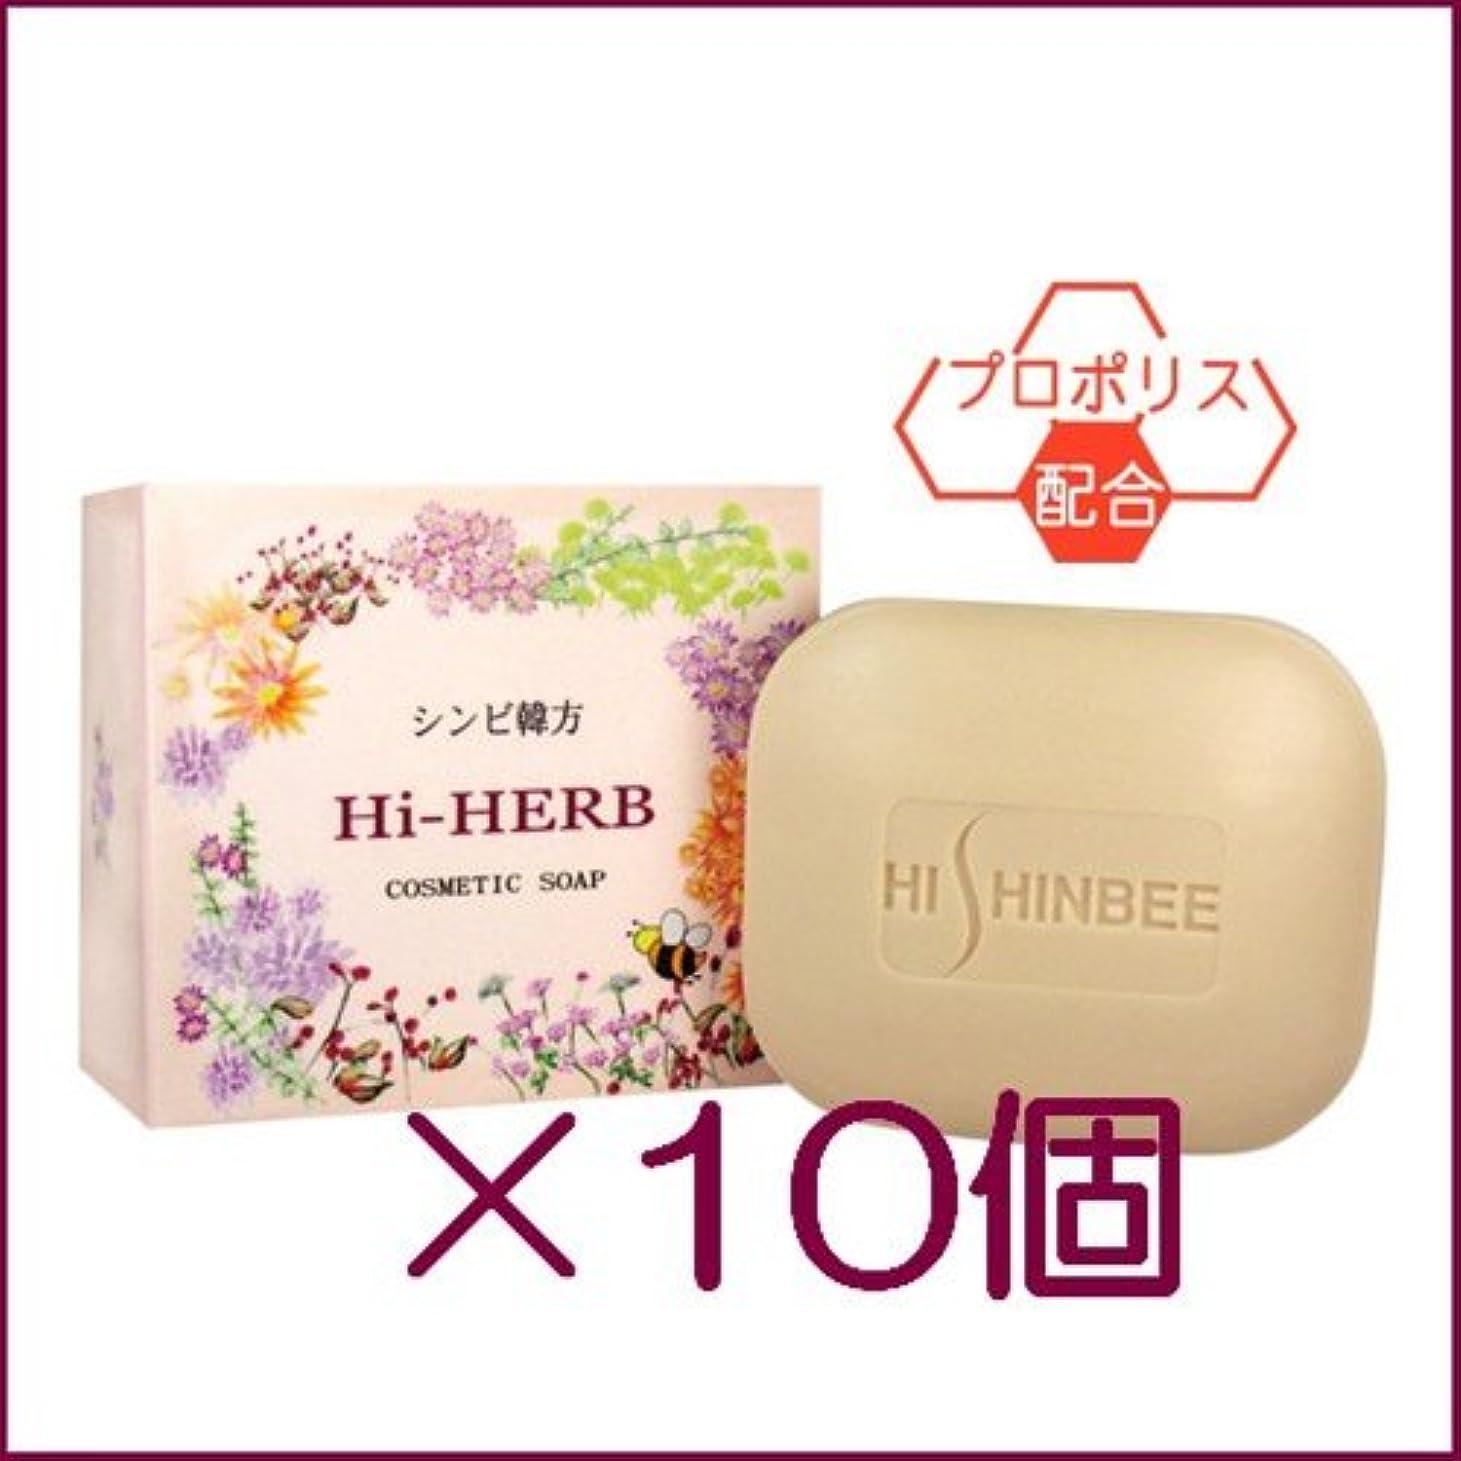 愛国的な俳句イチゴシンビ 韓方ハイハーブ石鹸 100g ×10個